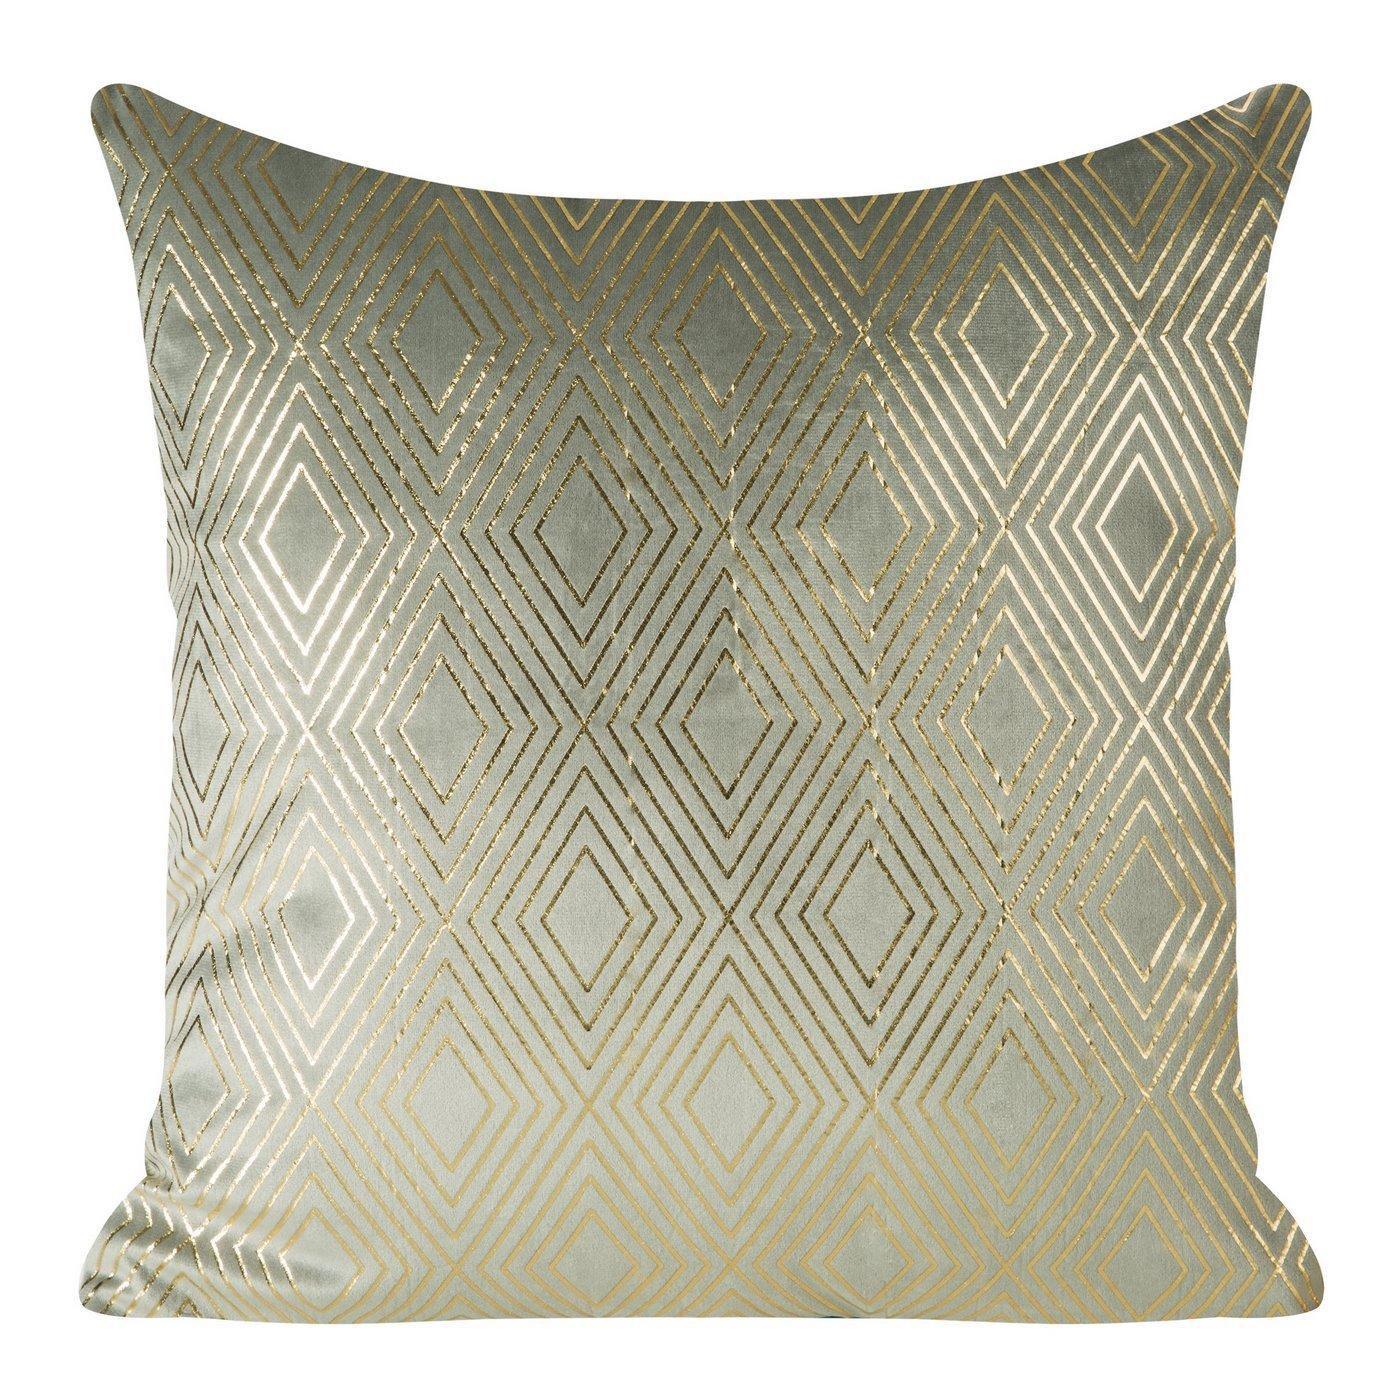 Poszewka ze srebrnego welwetu ze złotym wzorem 45x45 cm